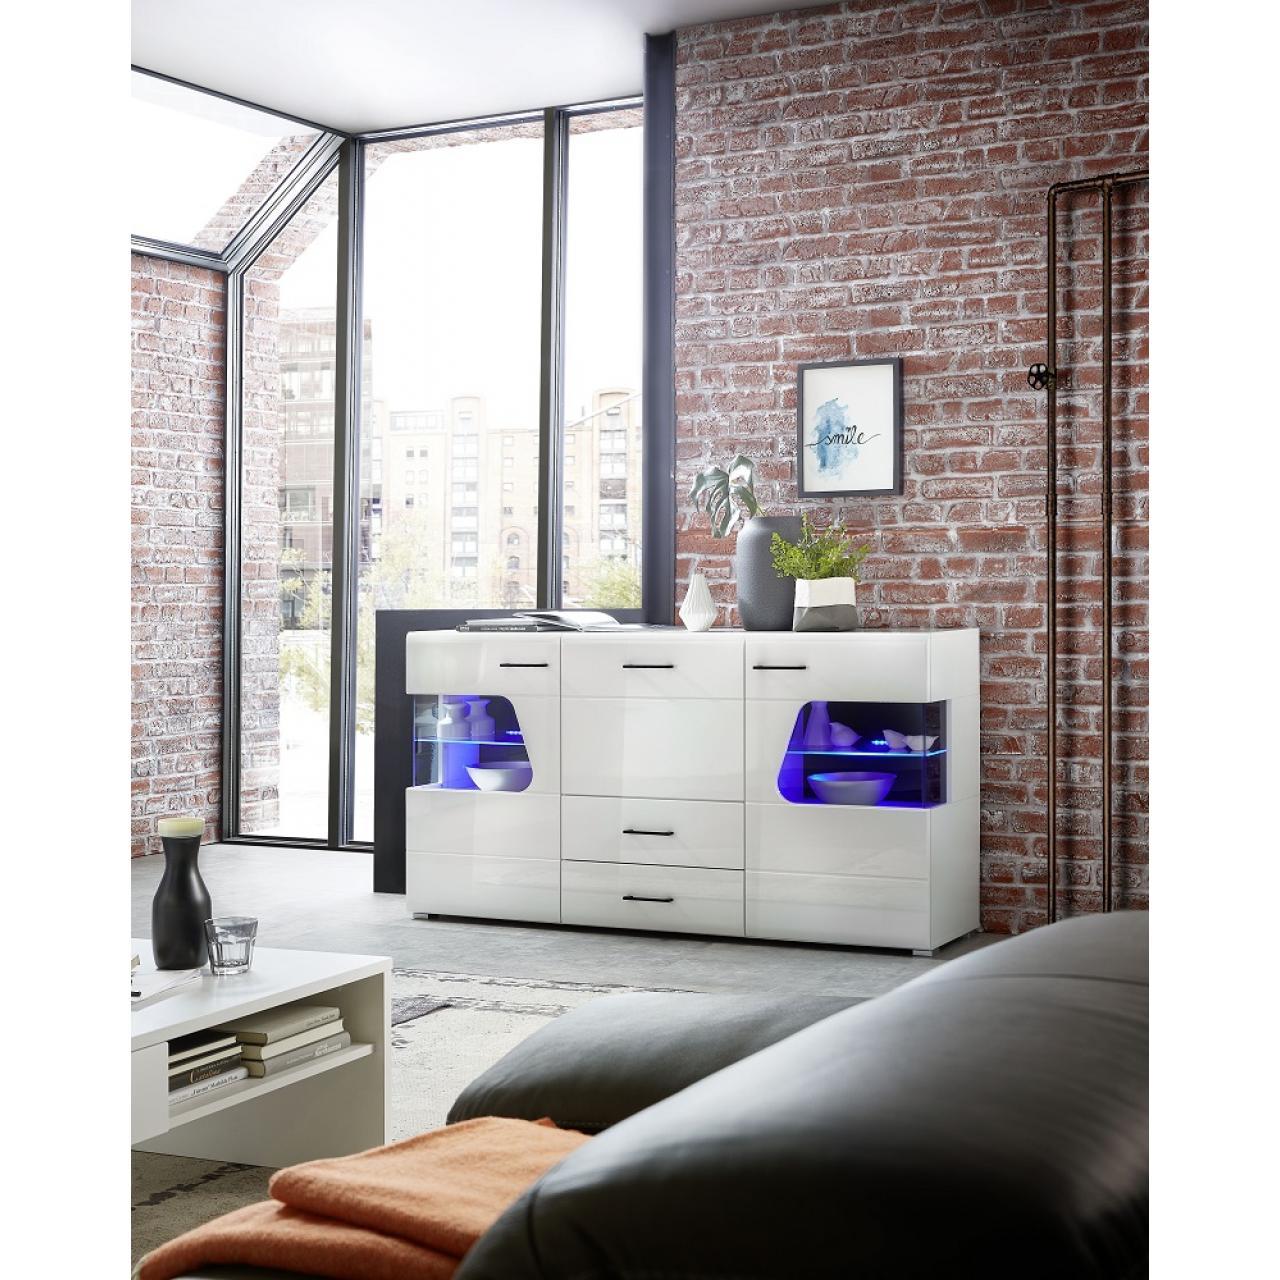 Sidebaord Funny Plus Weiß Hochglanz inkl. LED-Beleuchtung 2 Türen 3 Schubkästen